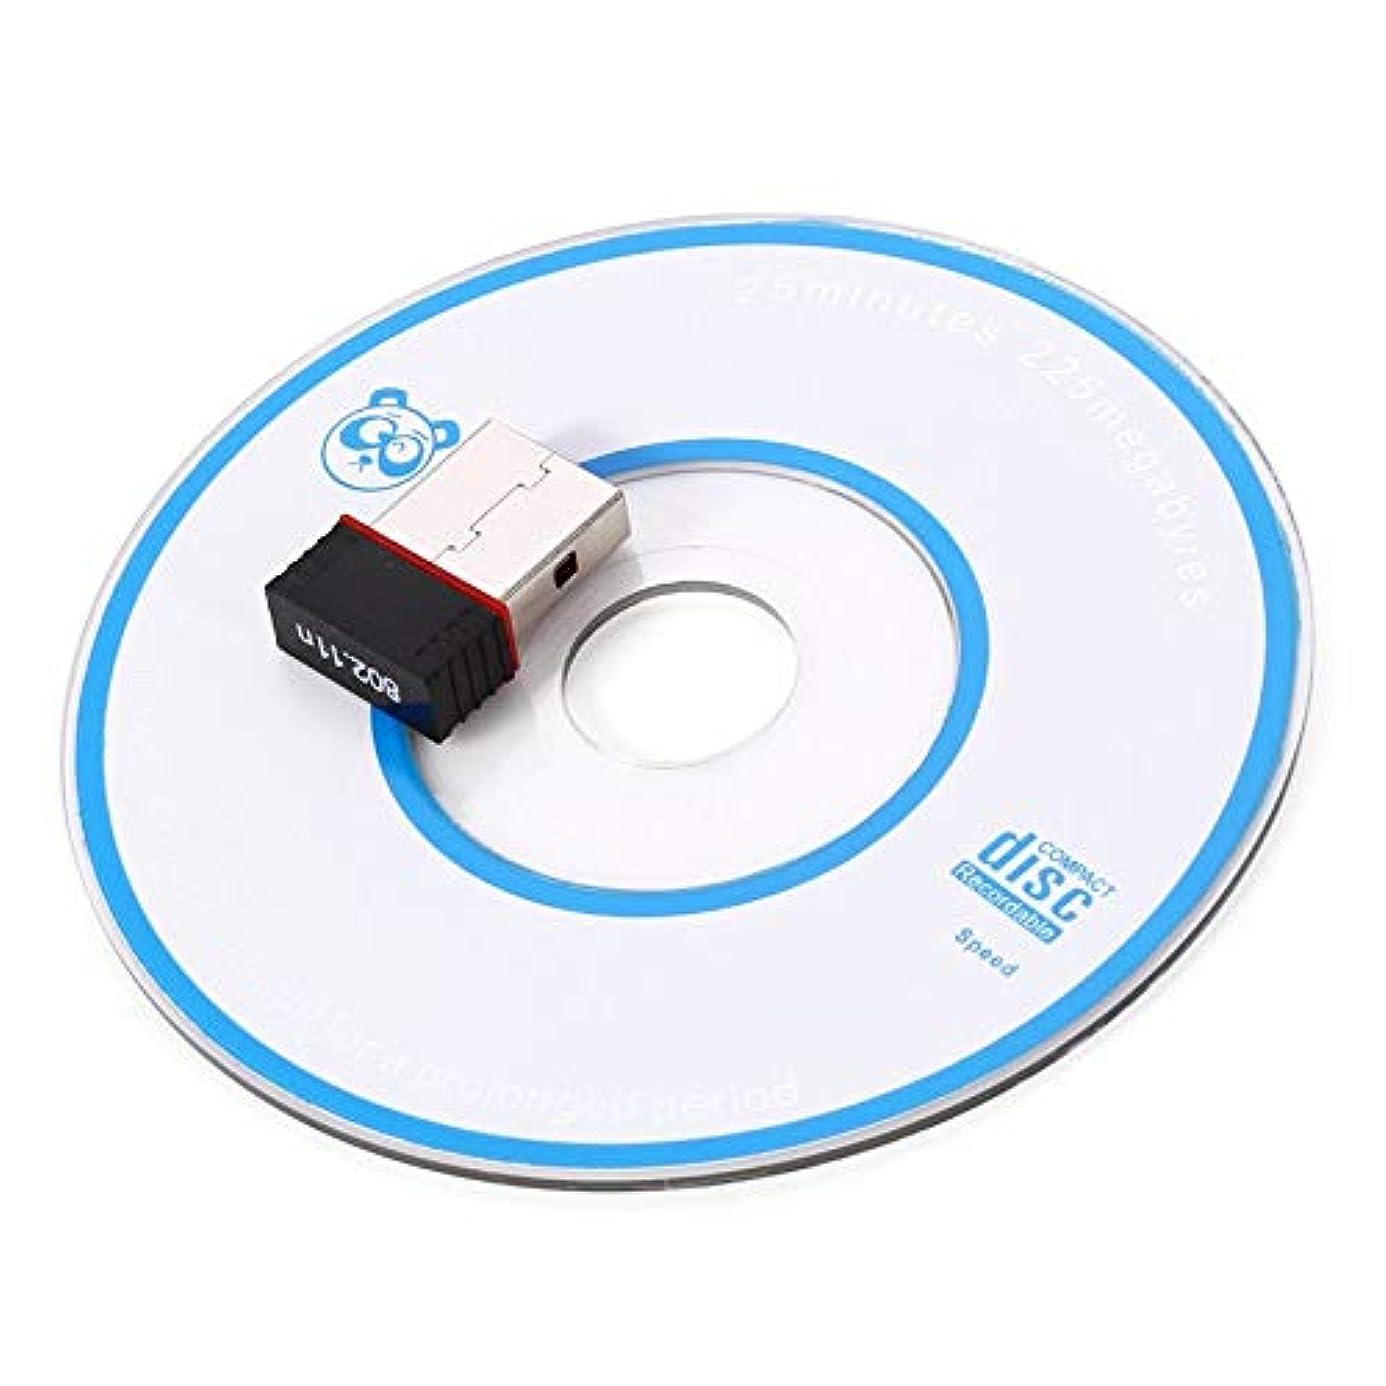 不従順応援する反逆者Ququack 150MbpsアダプターUSBワイヤレスネットワークカードWiFi信号トランスミッターレシーバーデスクトップラップトップCDドライバー付きWLAN USBアダプター